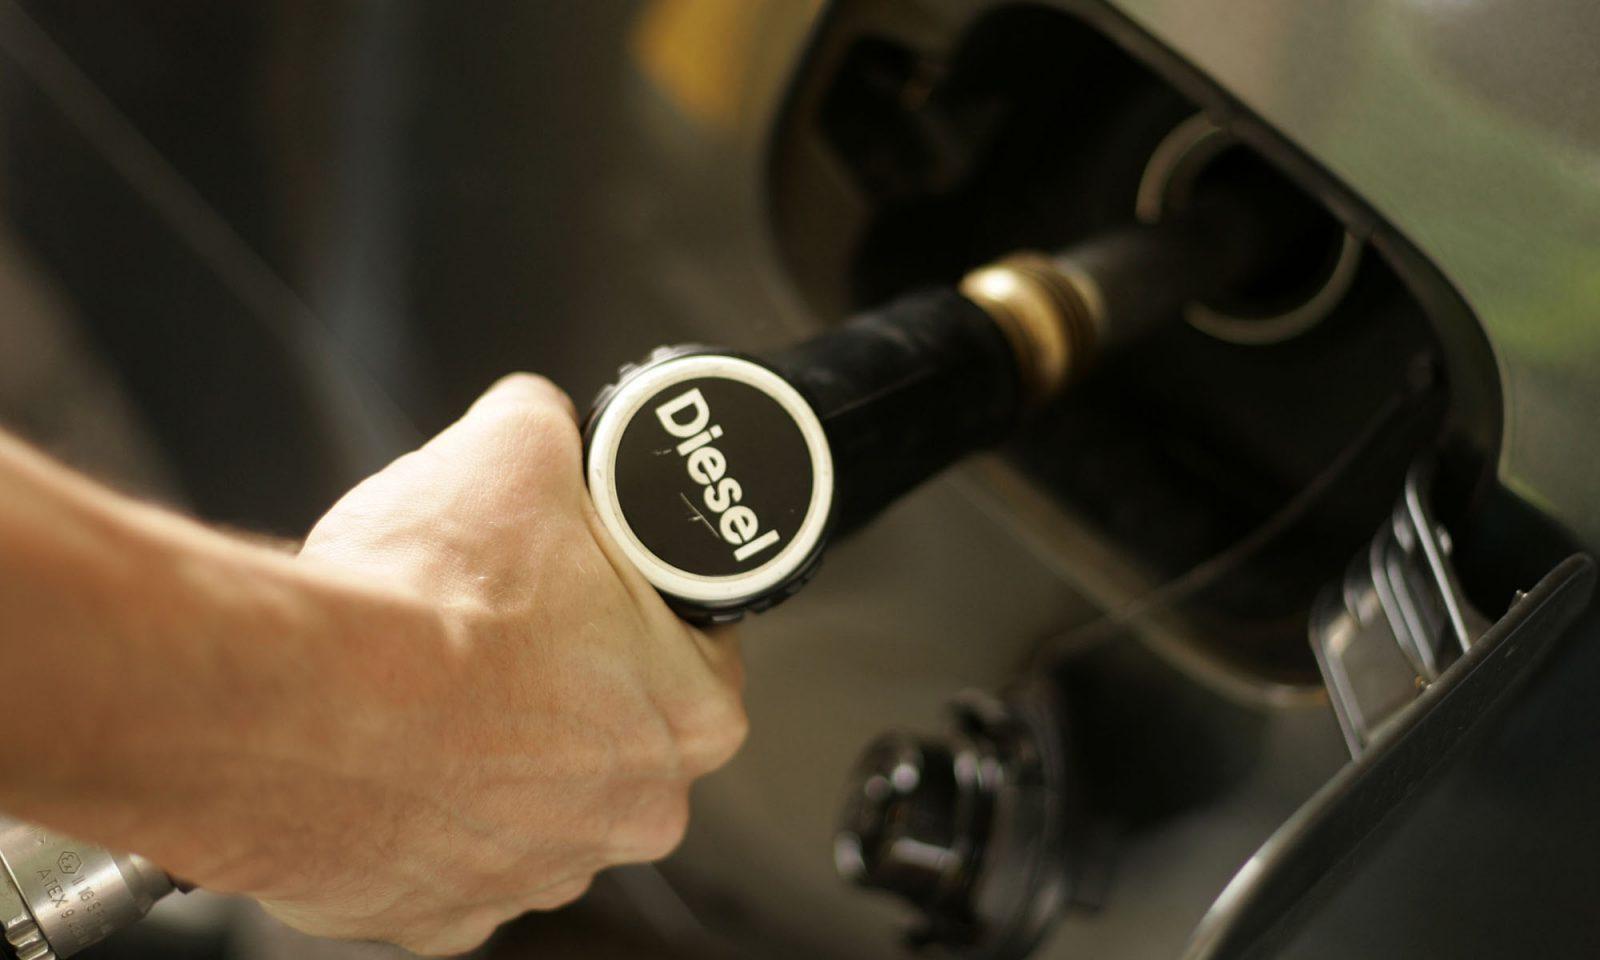 Cách xử lý khi đổ nhầm nhiên liệu cho xe - 2